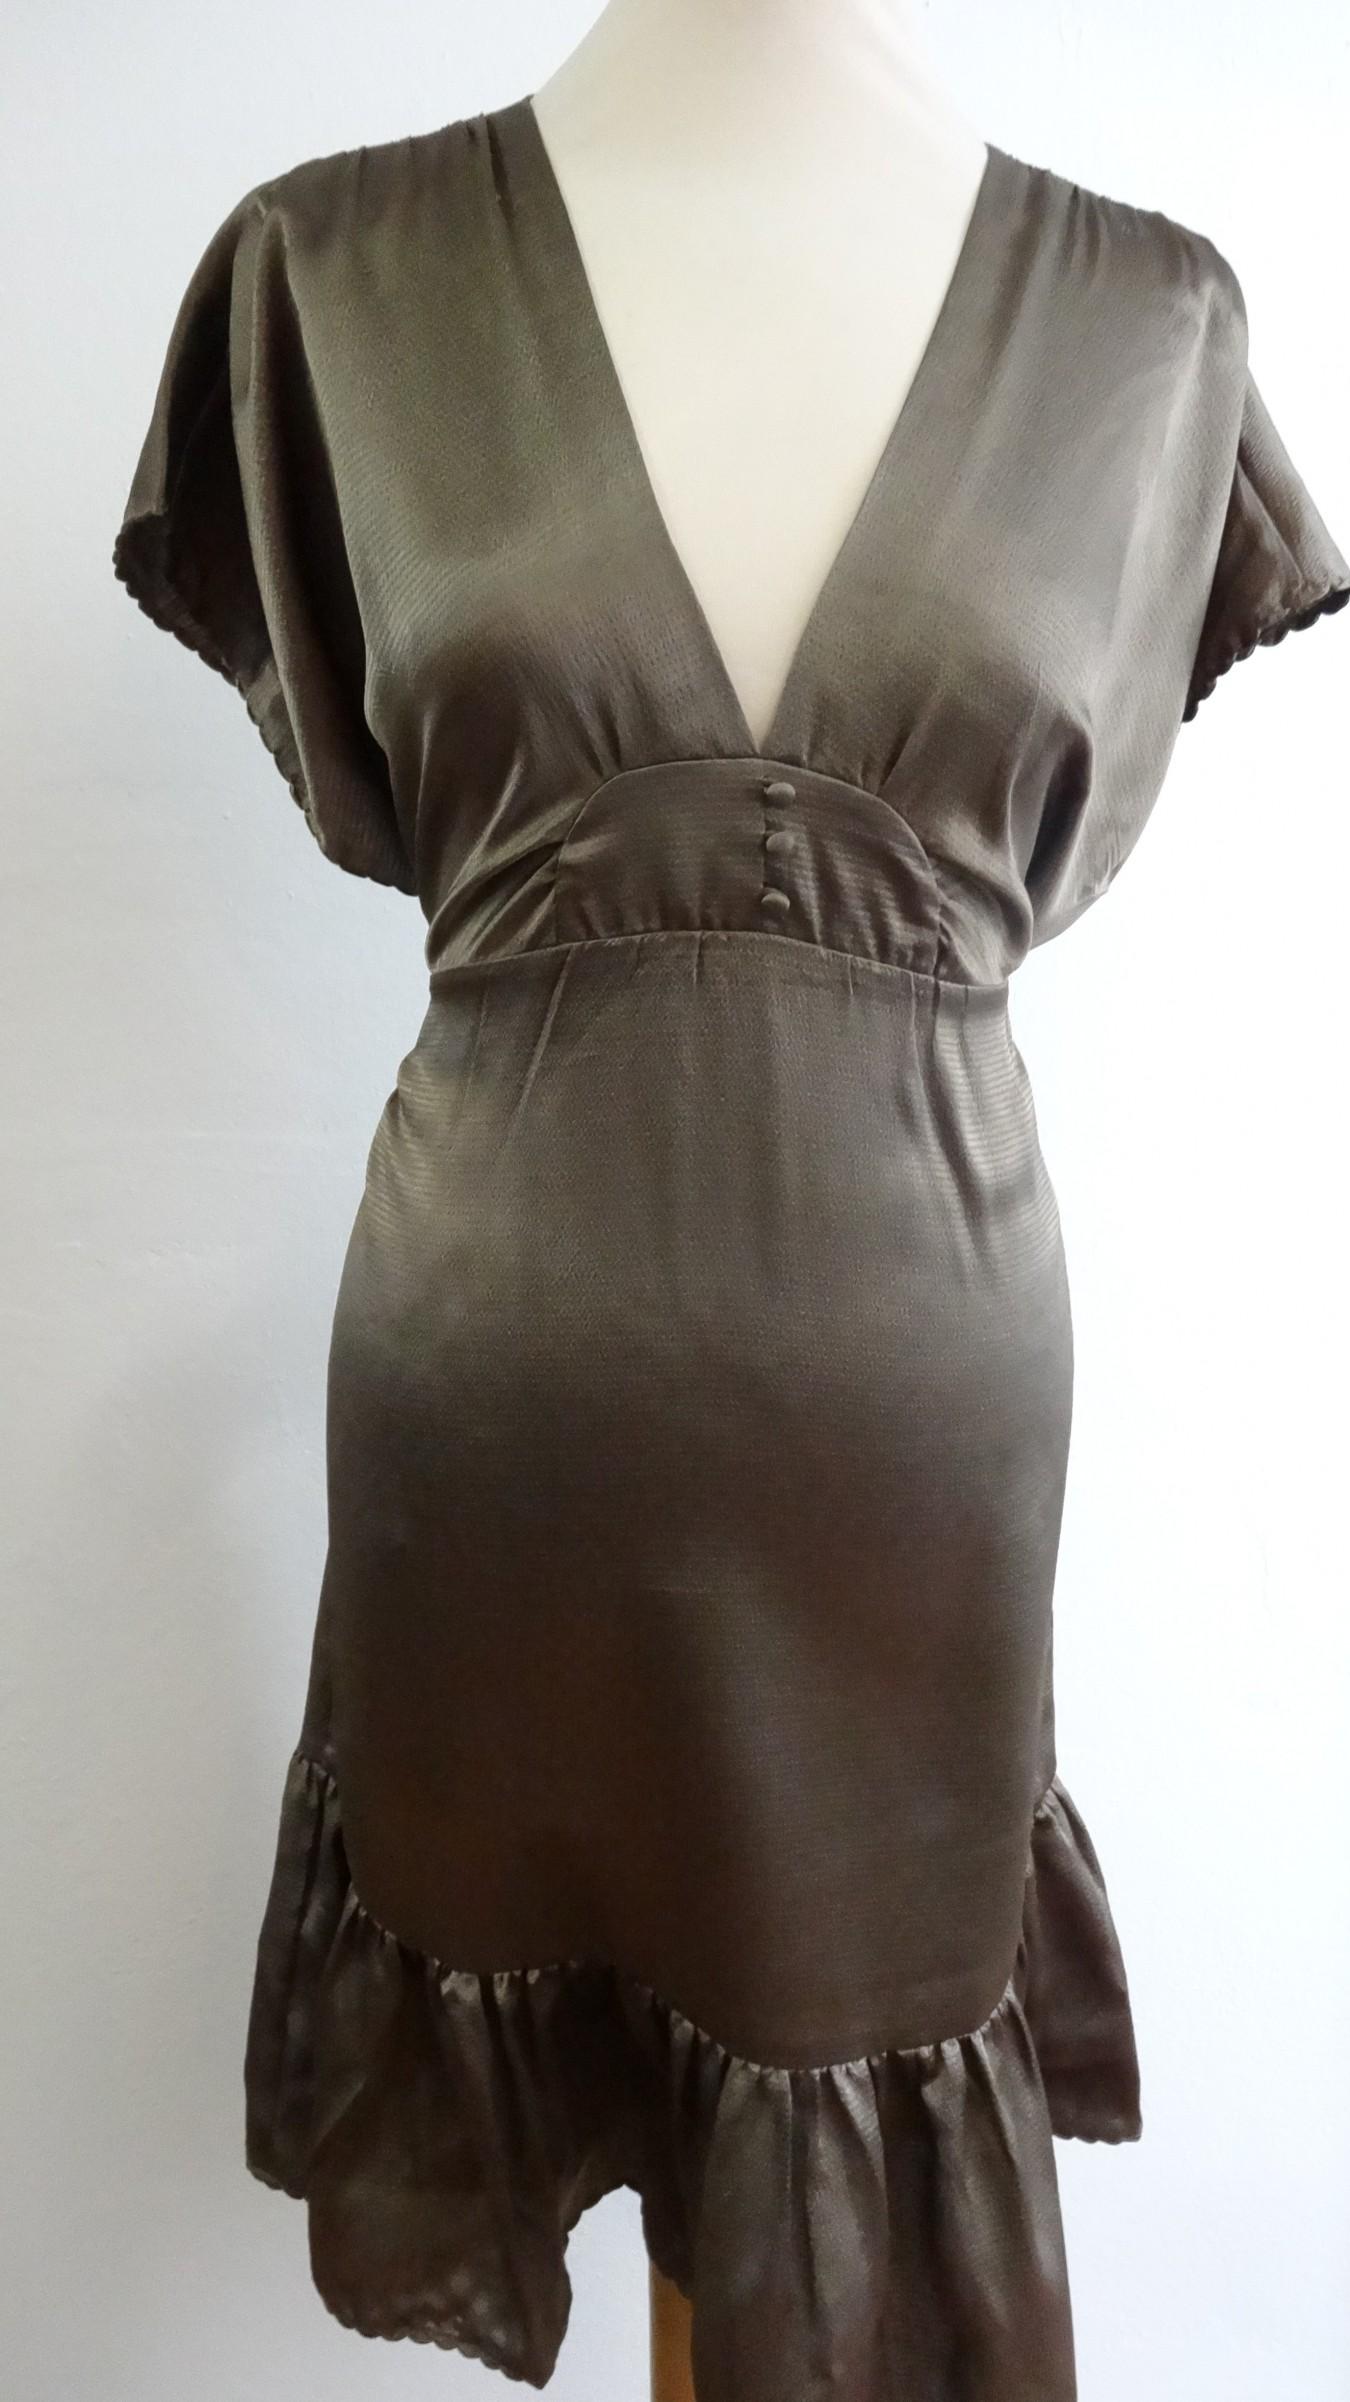 493bfb481702 Dansk) Margit Brandt Cph kjole - Care   Share Vintage